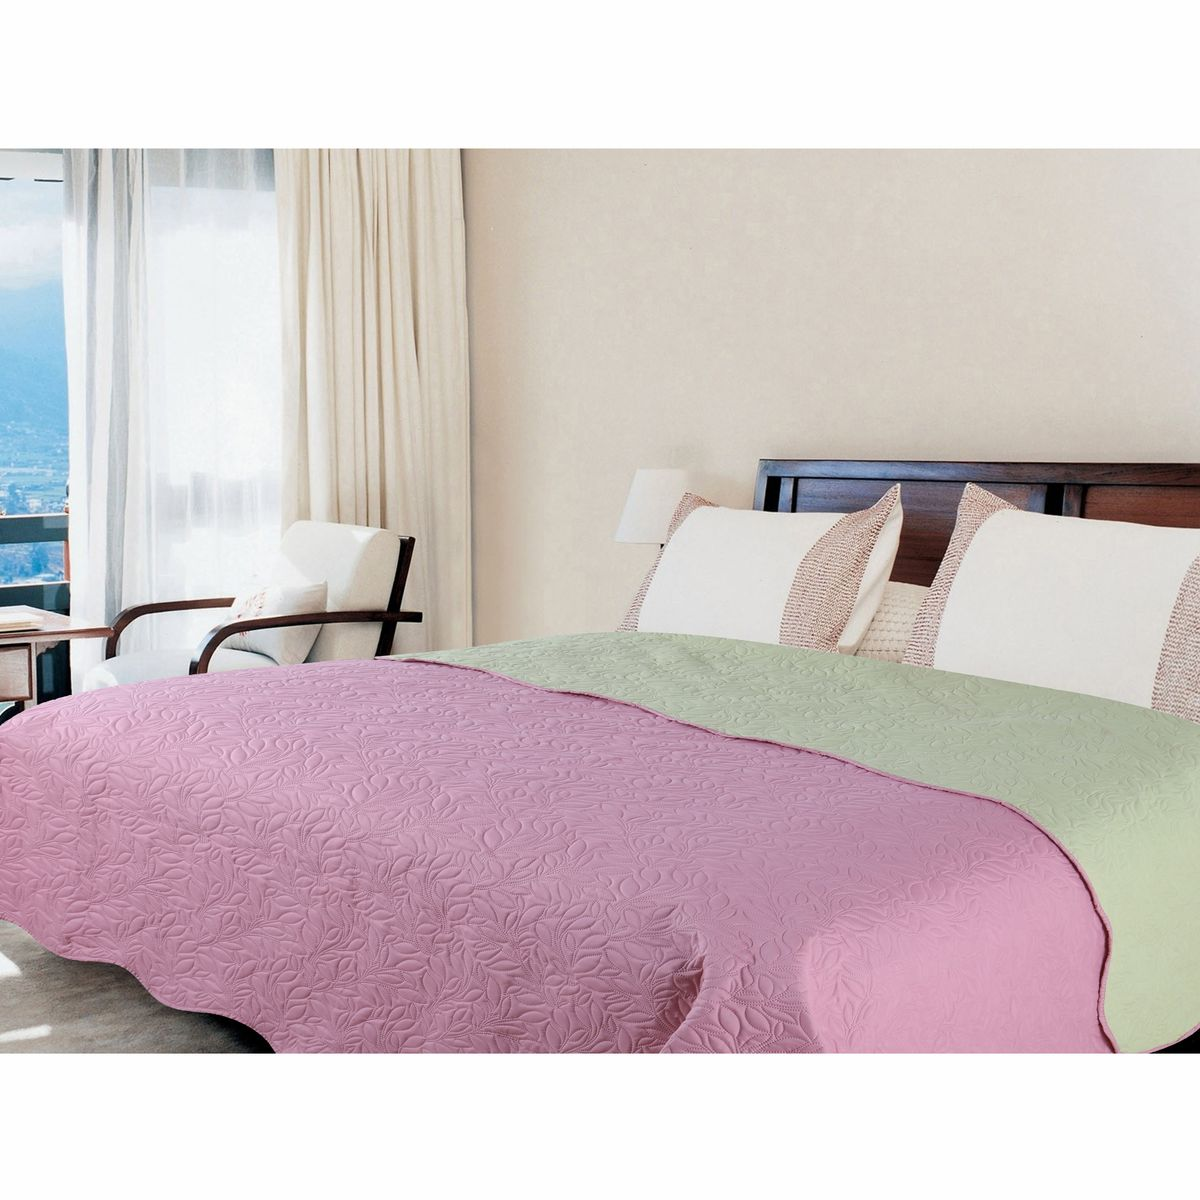 Покрывало Amore Mio Alba, цвет: розовый, зеленый, 160 х 200 см4630003364517Роскошное покрывало Amore Mio Alba идеально для декора интерьера в различных стилевых решениях. Однотонное изделие изготовлено из высококачественного полиэстера и оформлено рельефным рисунком. Покрывало Amore Mio Alba будет превосходно дополнять интерьер вашей спальни или станет прекрасным подарком любому человеку.Ручная стирка при 30°С. Не гладить, не отбеливать.